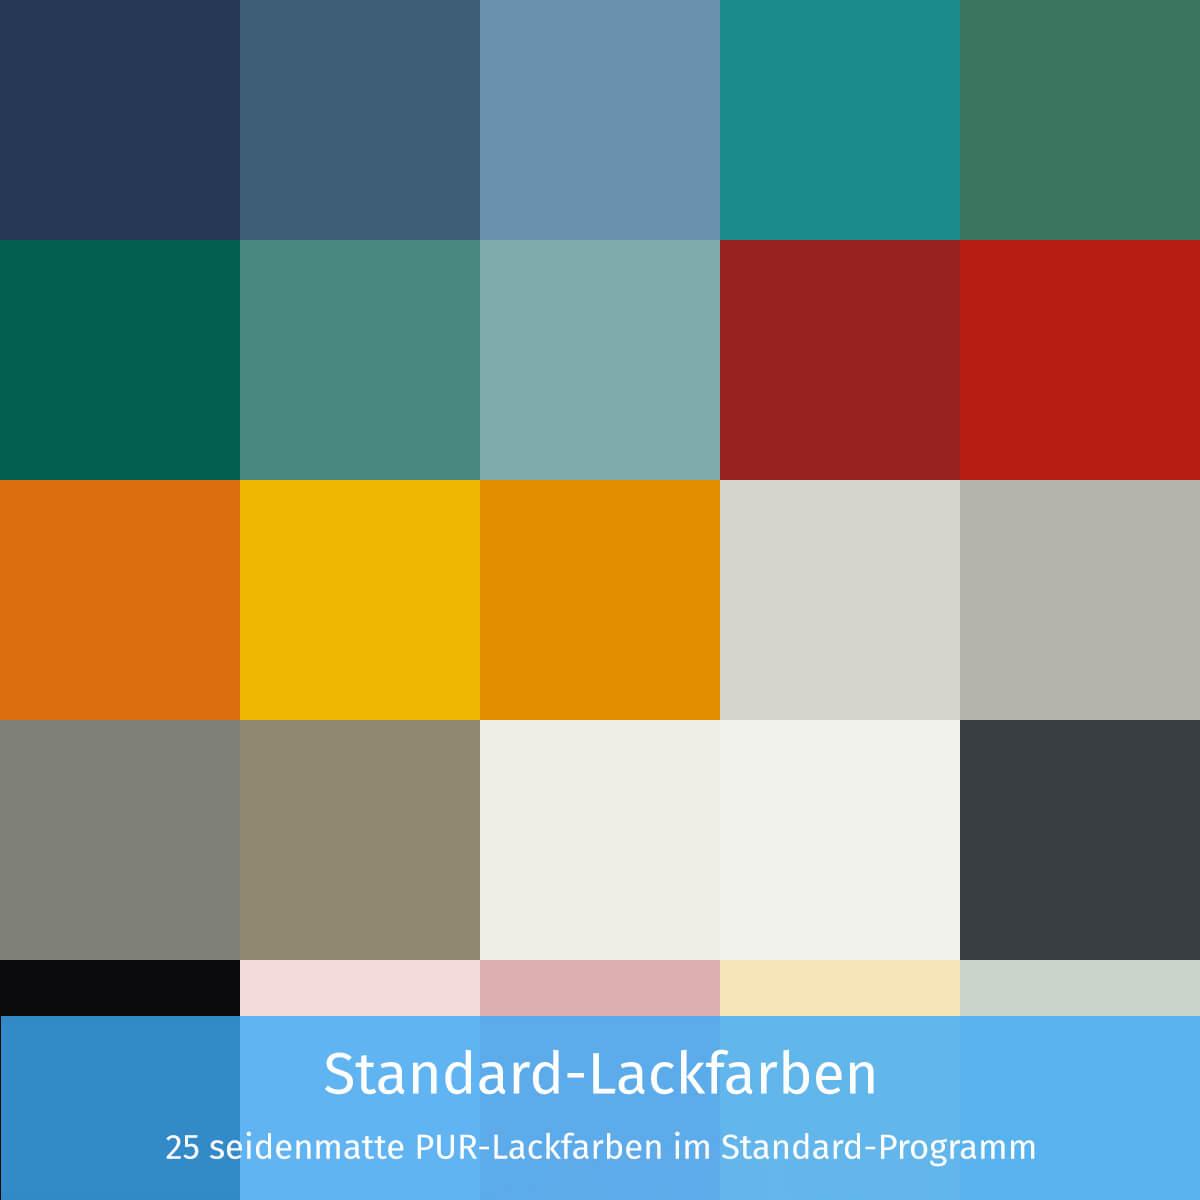 Standard Lackfarben